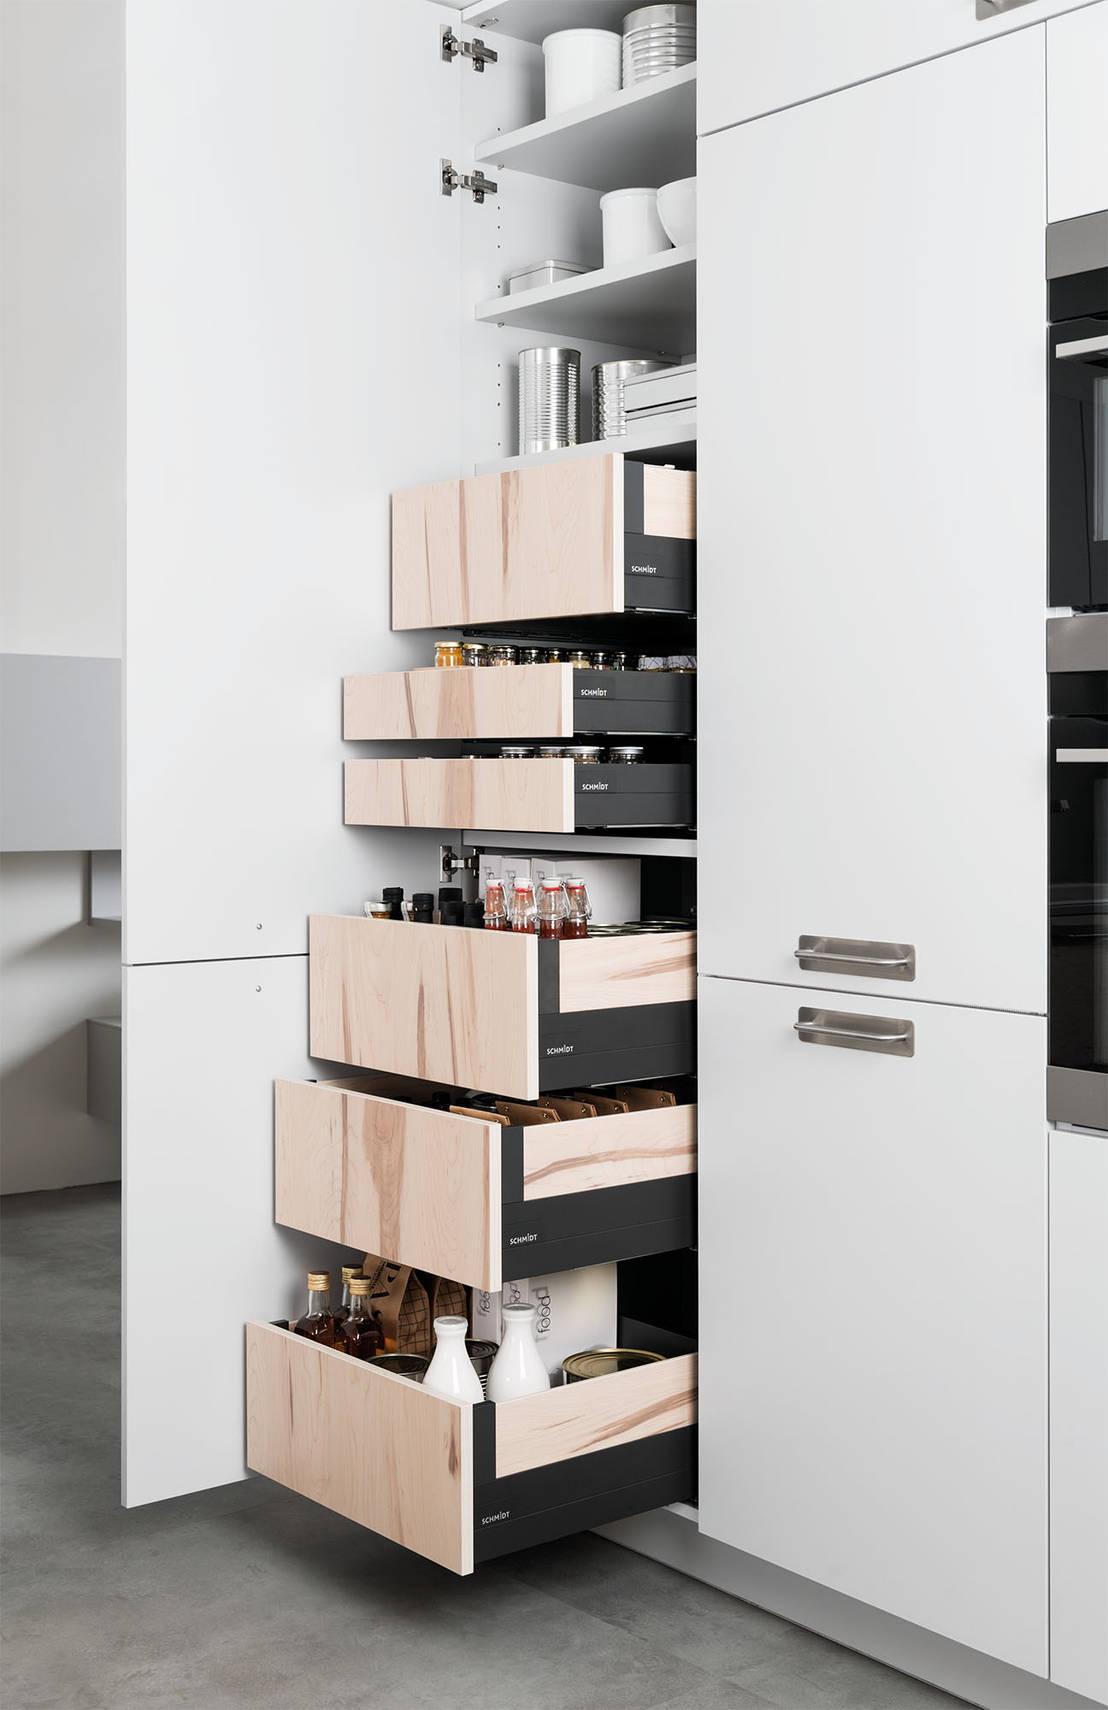 weil es auf die inneren werte ankommt von schmidt k chen homify. Black Bedroom Furniture Sets. Home Design Ideas